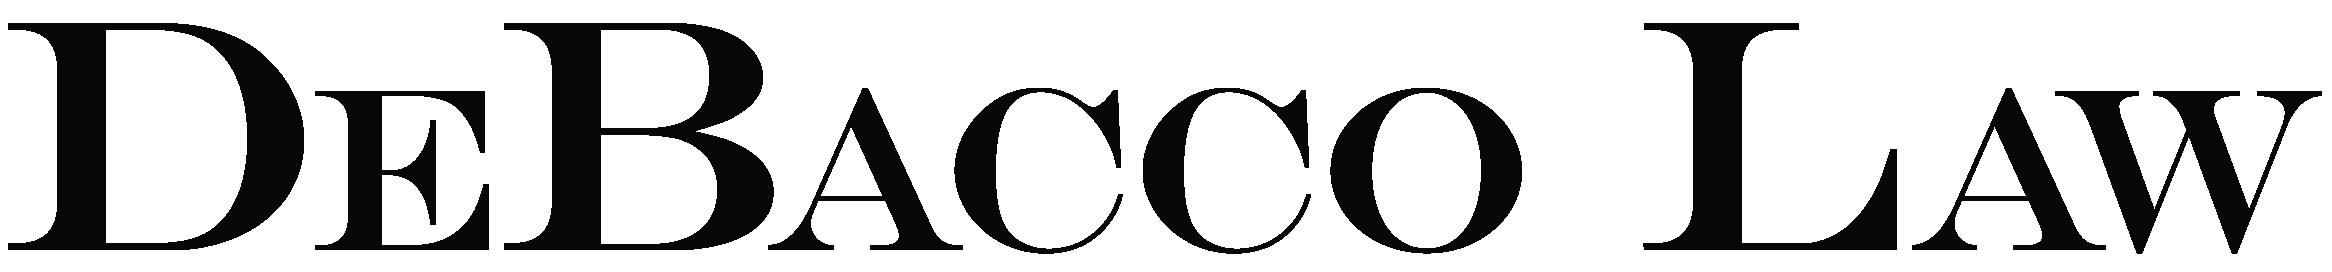 DeBaccoLawLogo-01.png